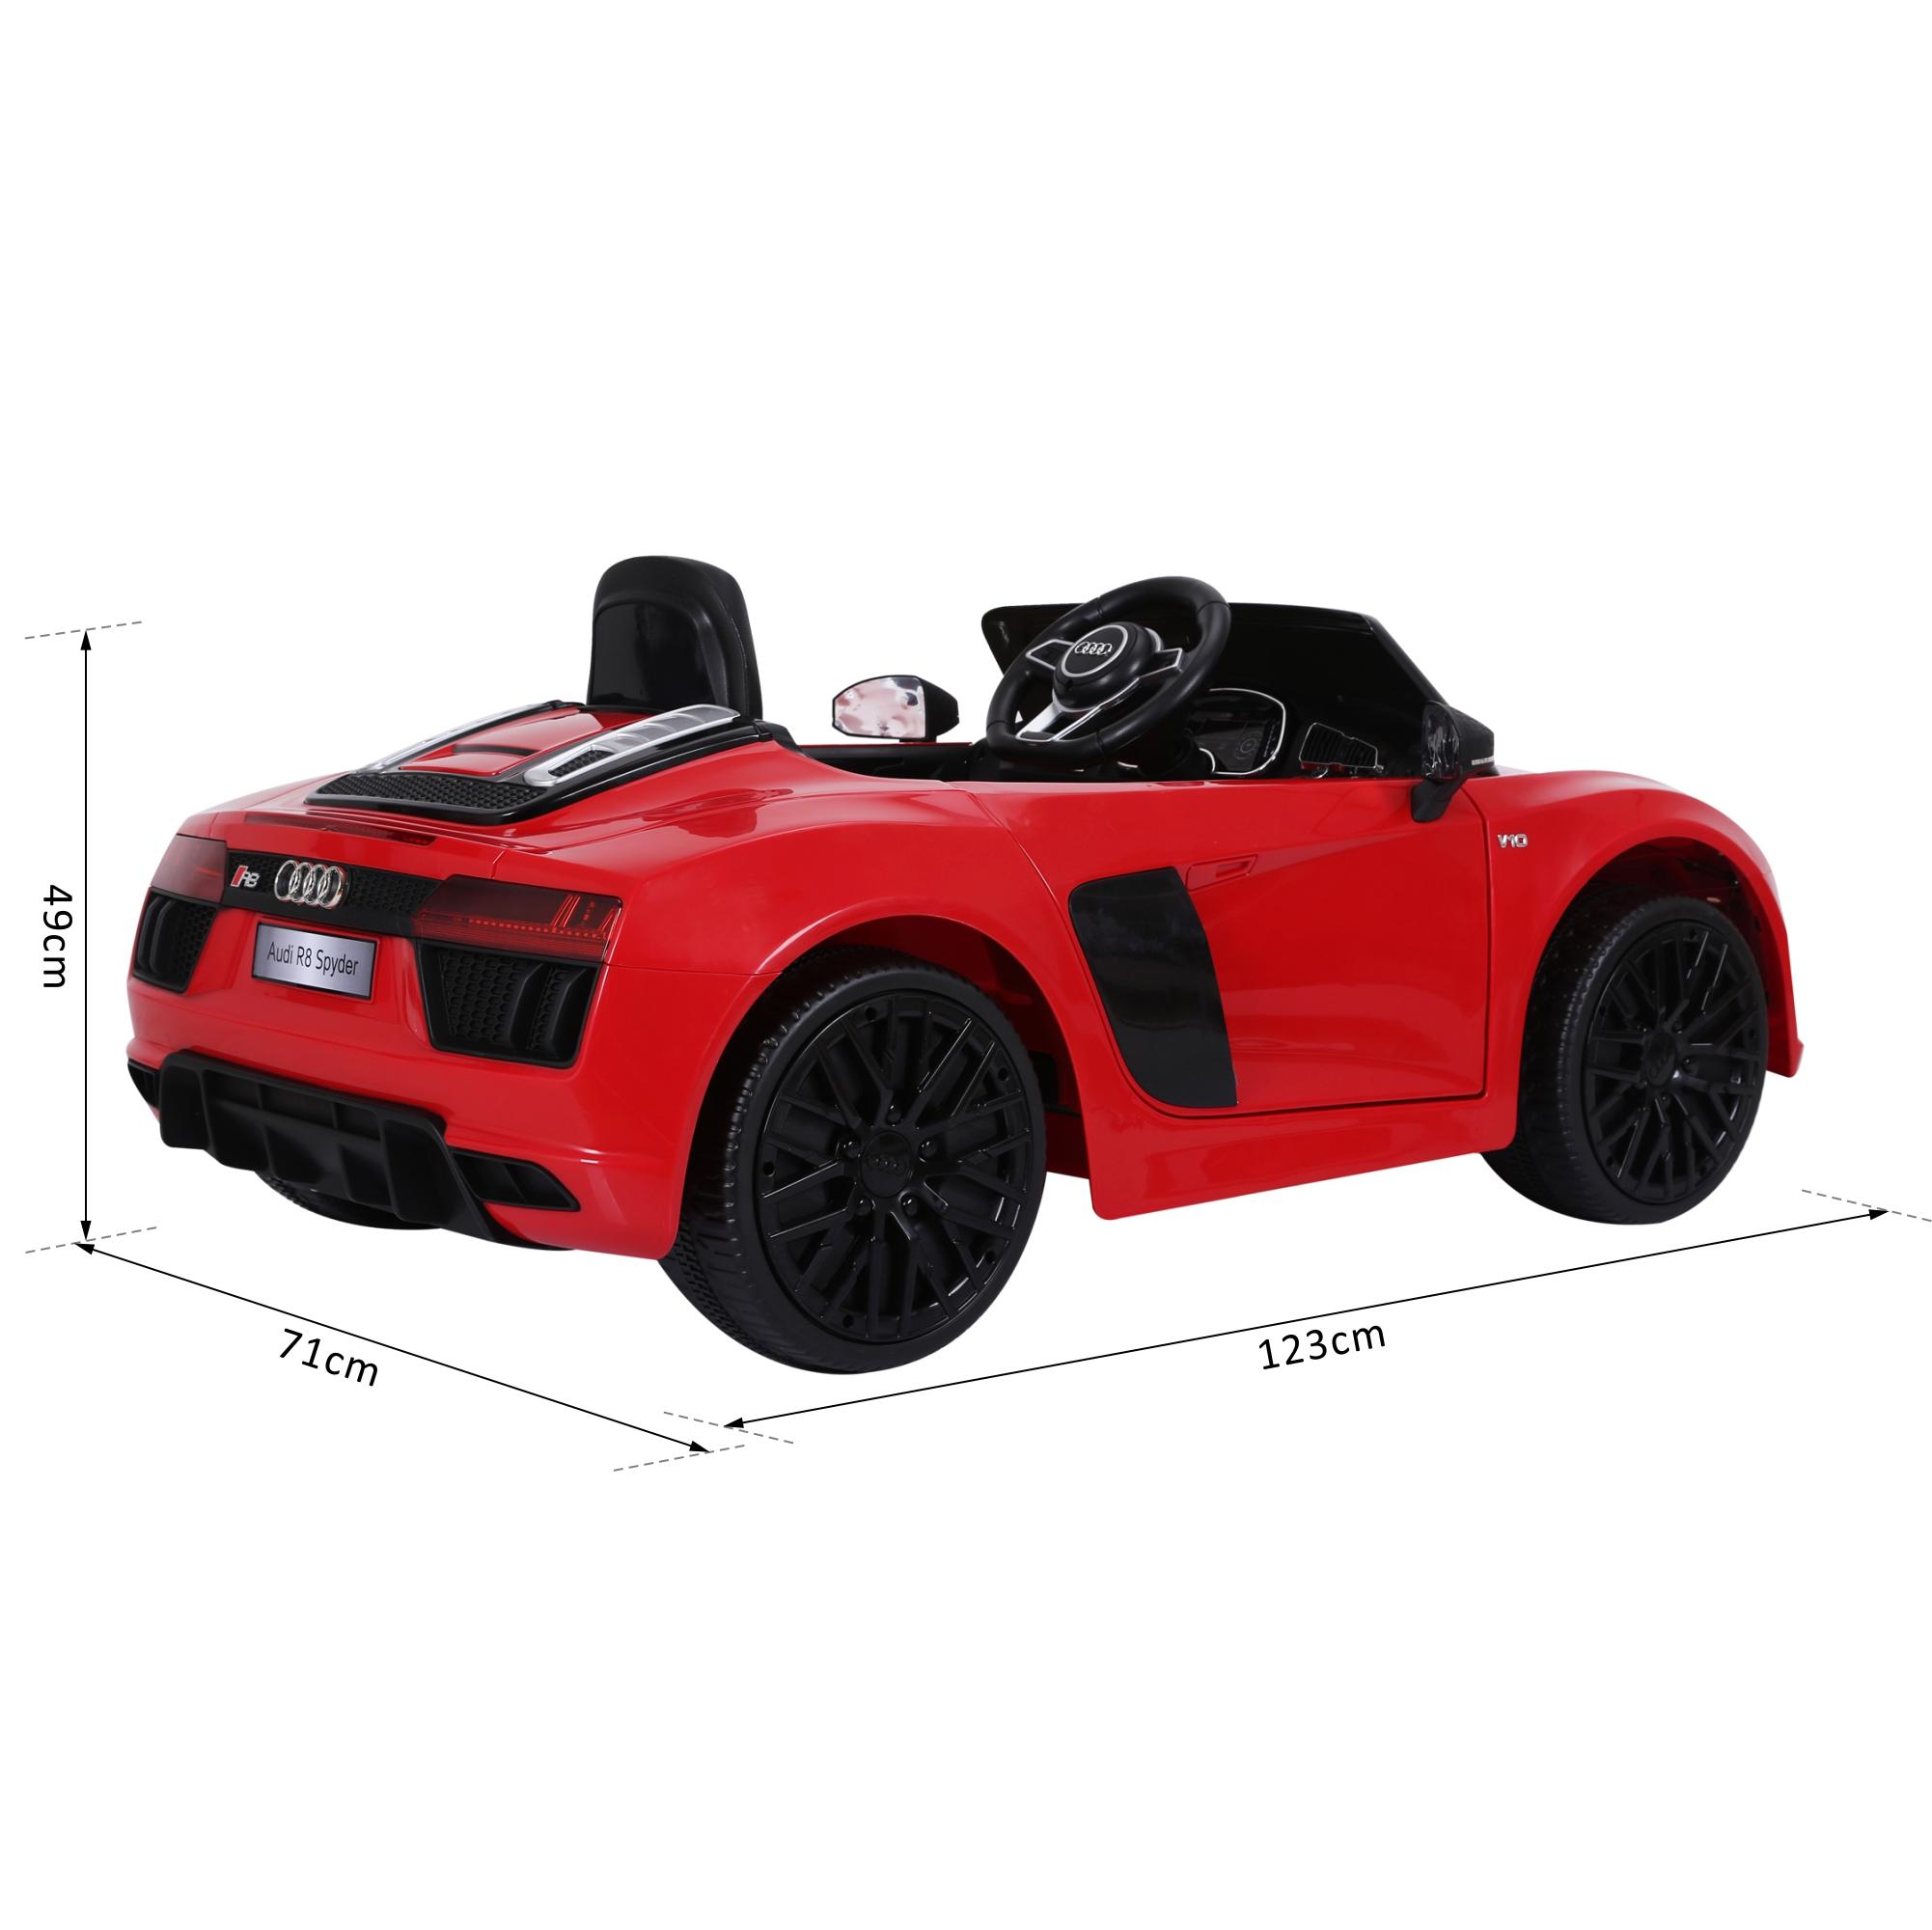 Coche-Electrico-para-Nino-3-8-Anos-Audi-R8-Bateria-12V-Control-Remoto-Carga-30kg miniatura 20